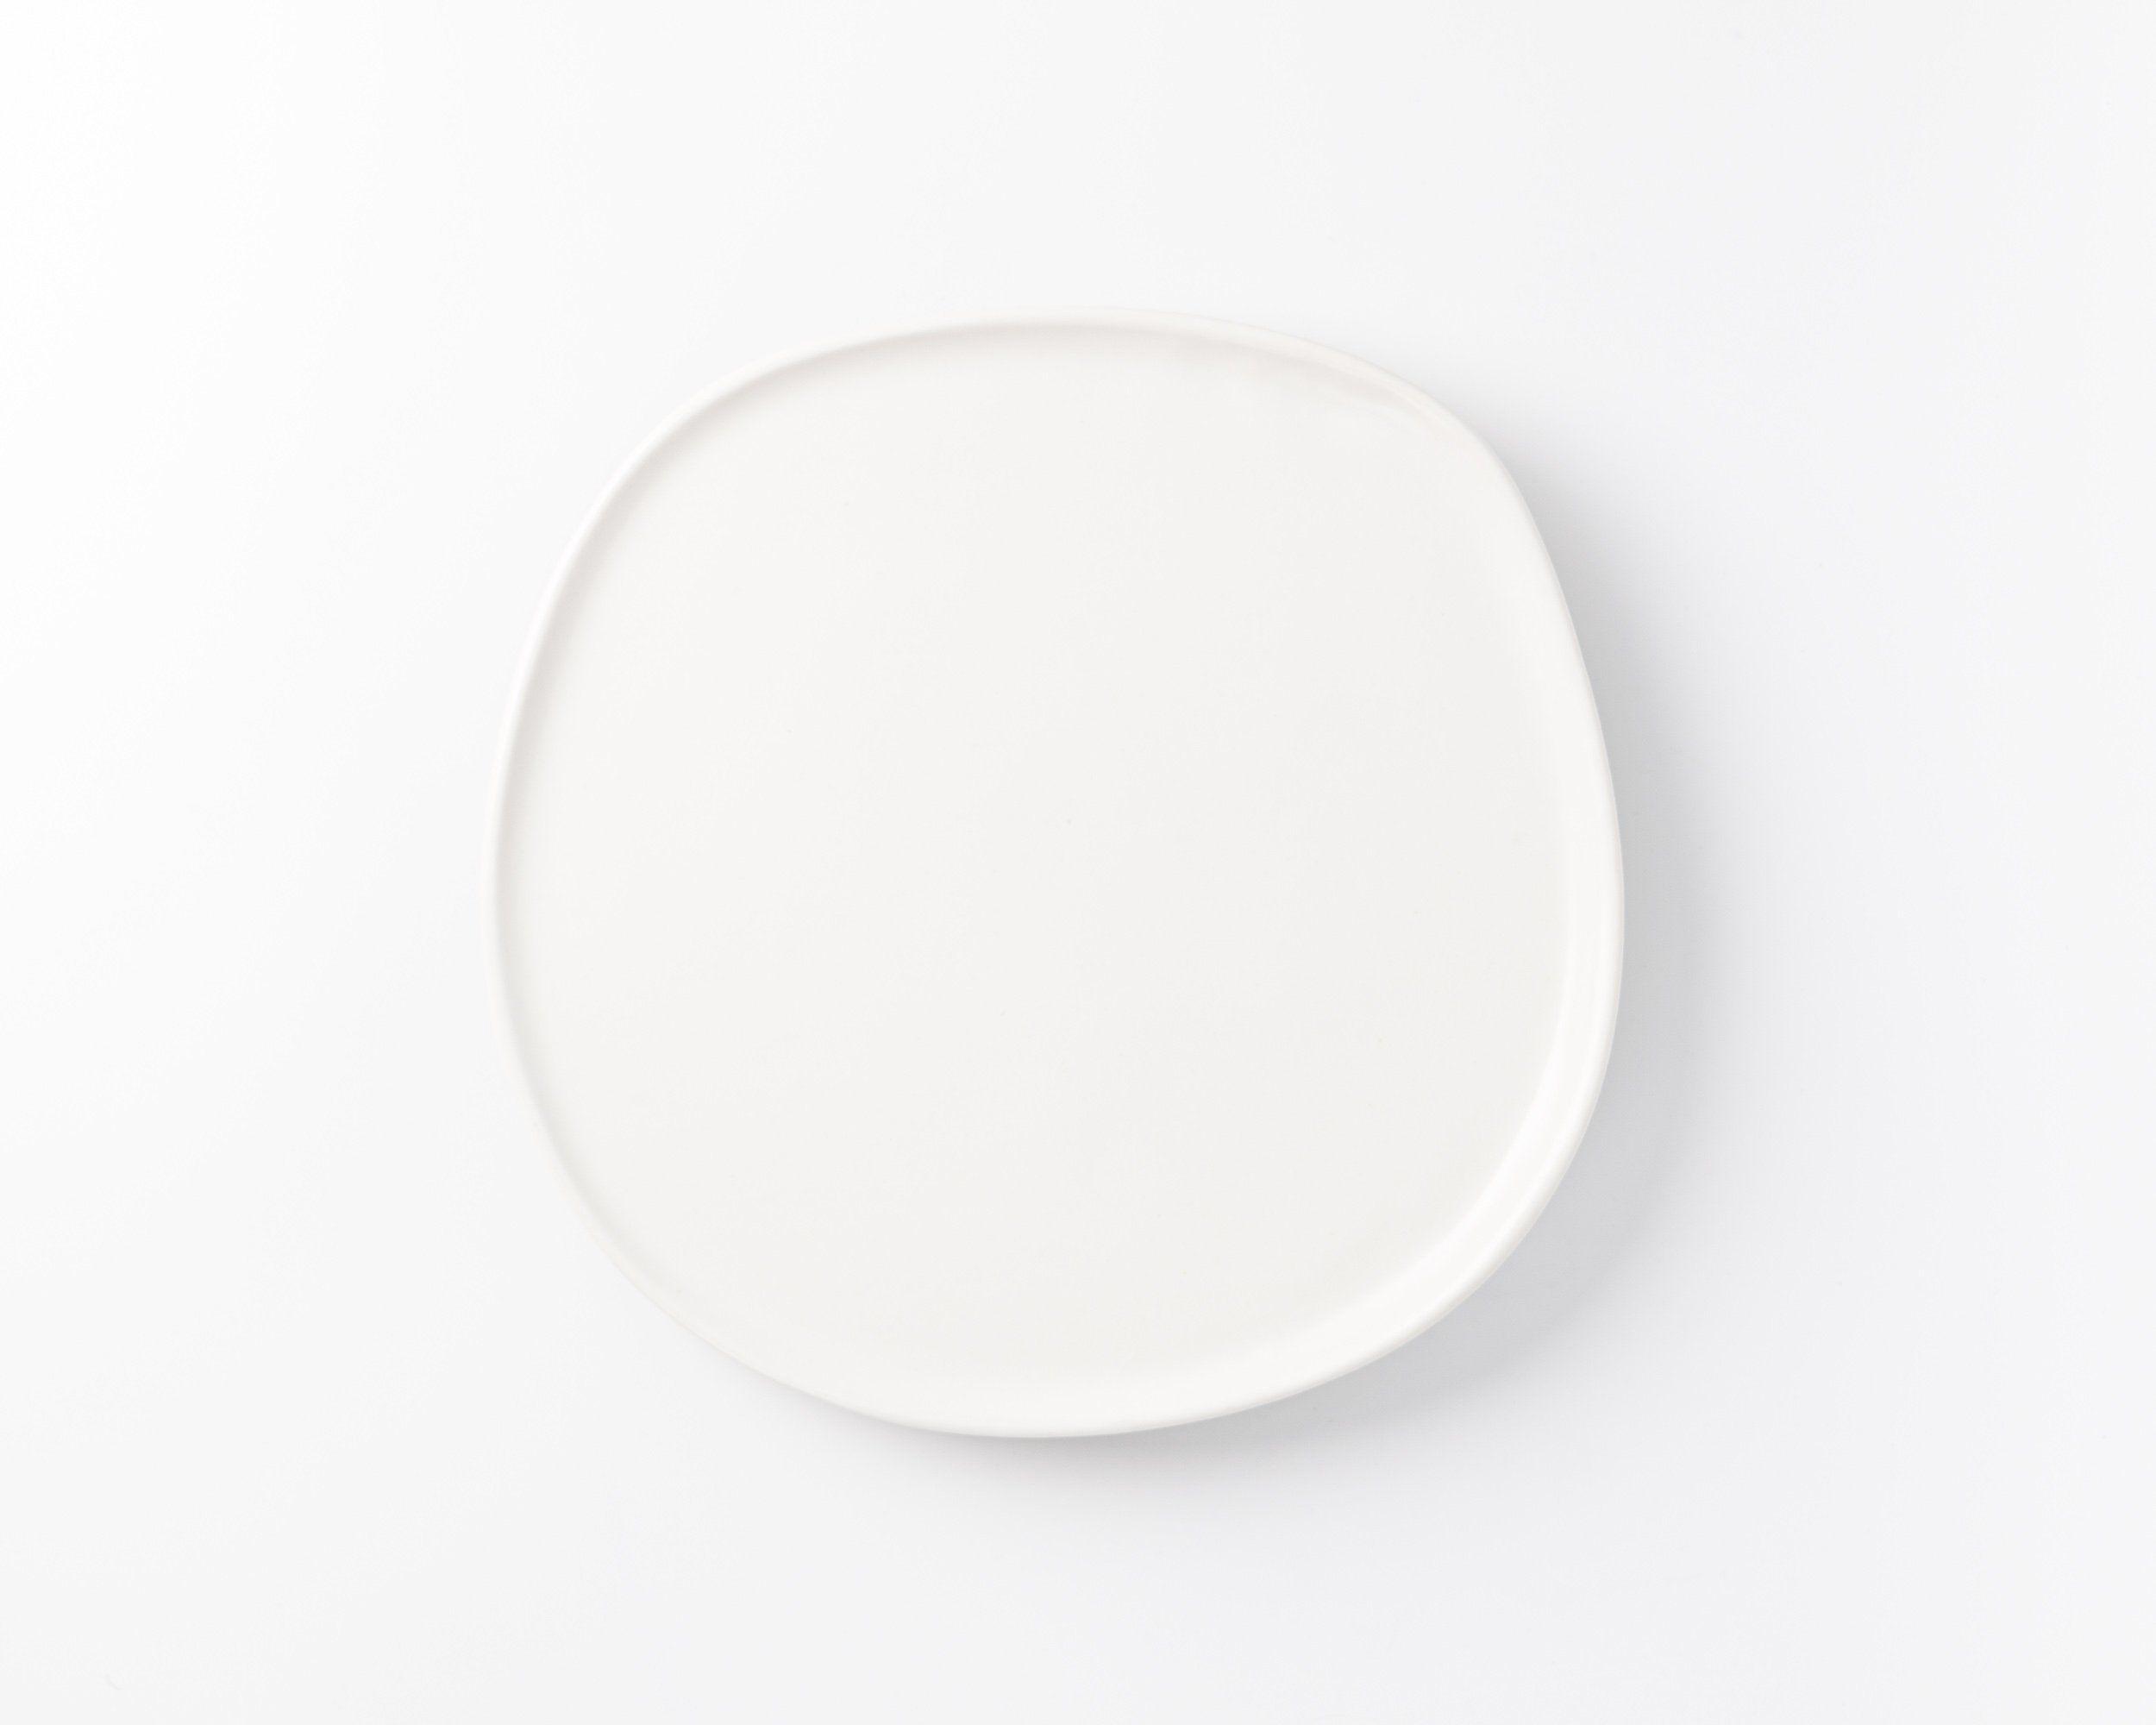 Lucy Cohn-Still + Samuel Miller - Dinner Plate